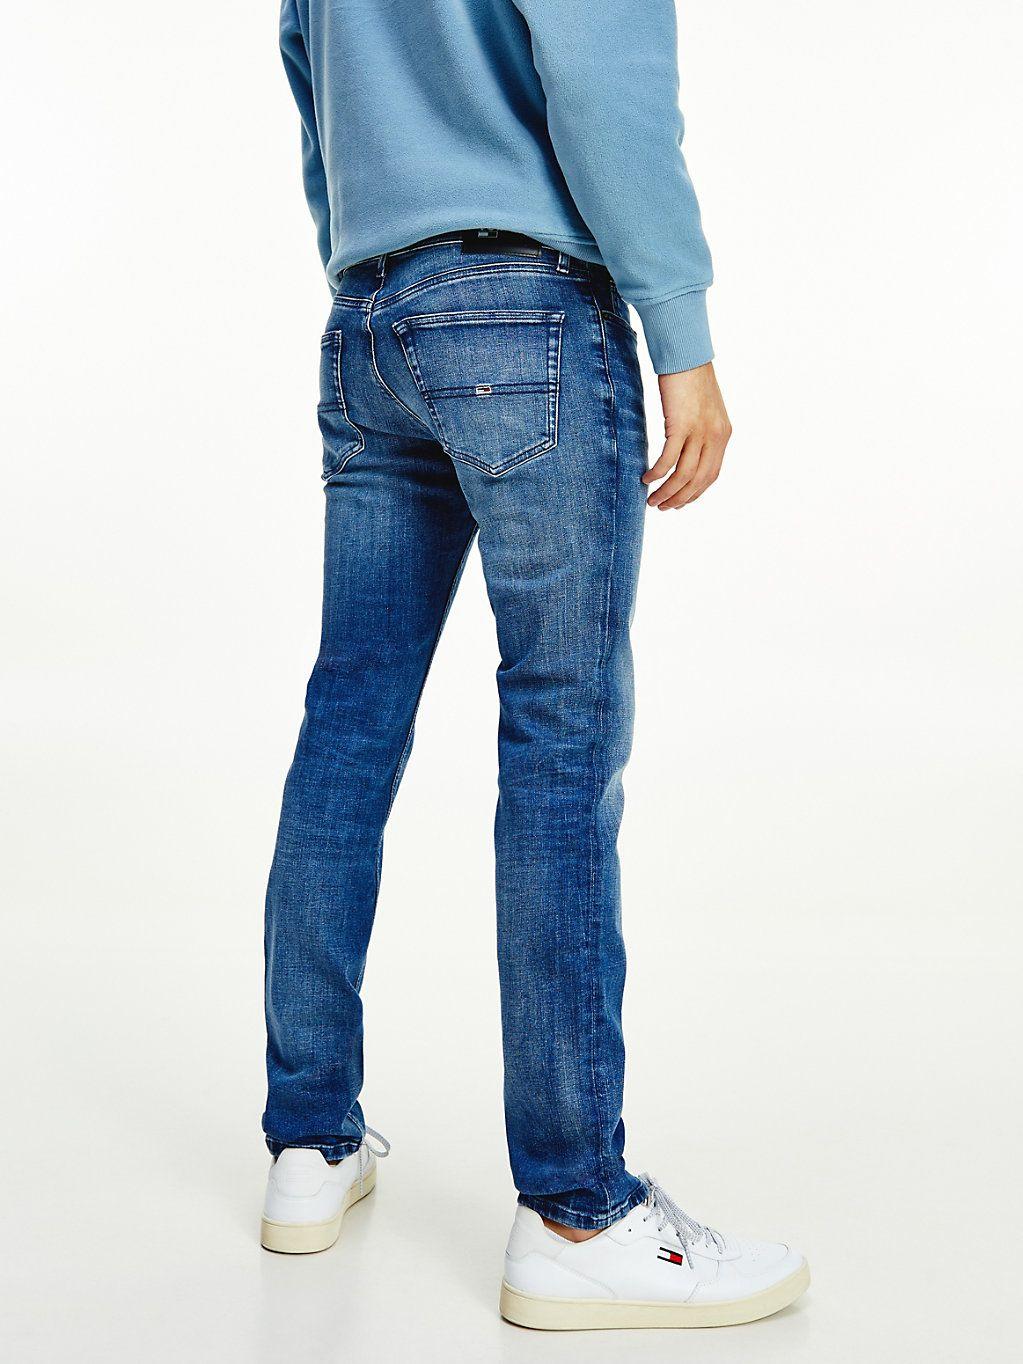 Ein dezenter Fade-Effekt lässt diese aktuelle Slim Fit Stretch-Jeans mit Vintage-Charme glänzen.  Produktdetails  • Baumwoll-Denim mit Stretch • Fade-Effekte an Beinen • Reißverschluss mit Knopf • 5-Pocket-Style • Tommy Jeans-Branding • Tommy Jeans Flag-Patch auf Münztasche  Passform und Schnitt  • Slim Fit • Das Model ist 1,86 m groß und trägt Größe 32/34  Material und Pflege  • 95 % Baumwolle, 3 % Elastomultiester, 2 % Elasthan